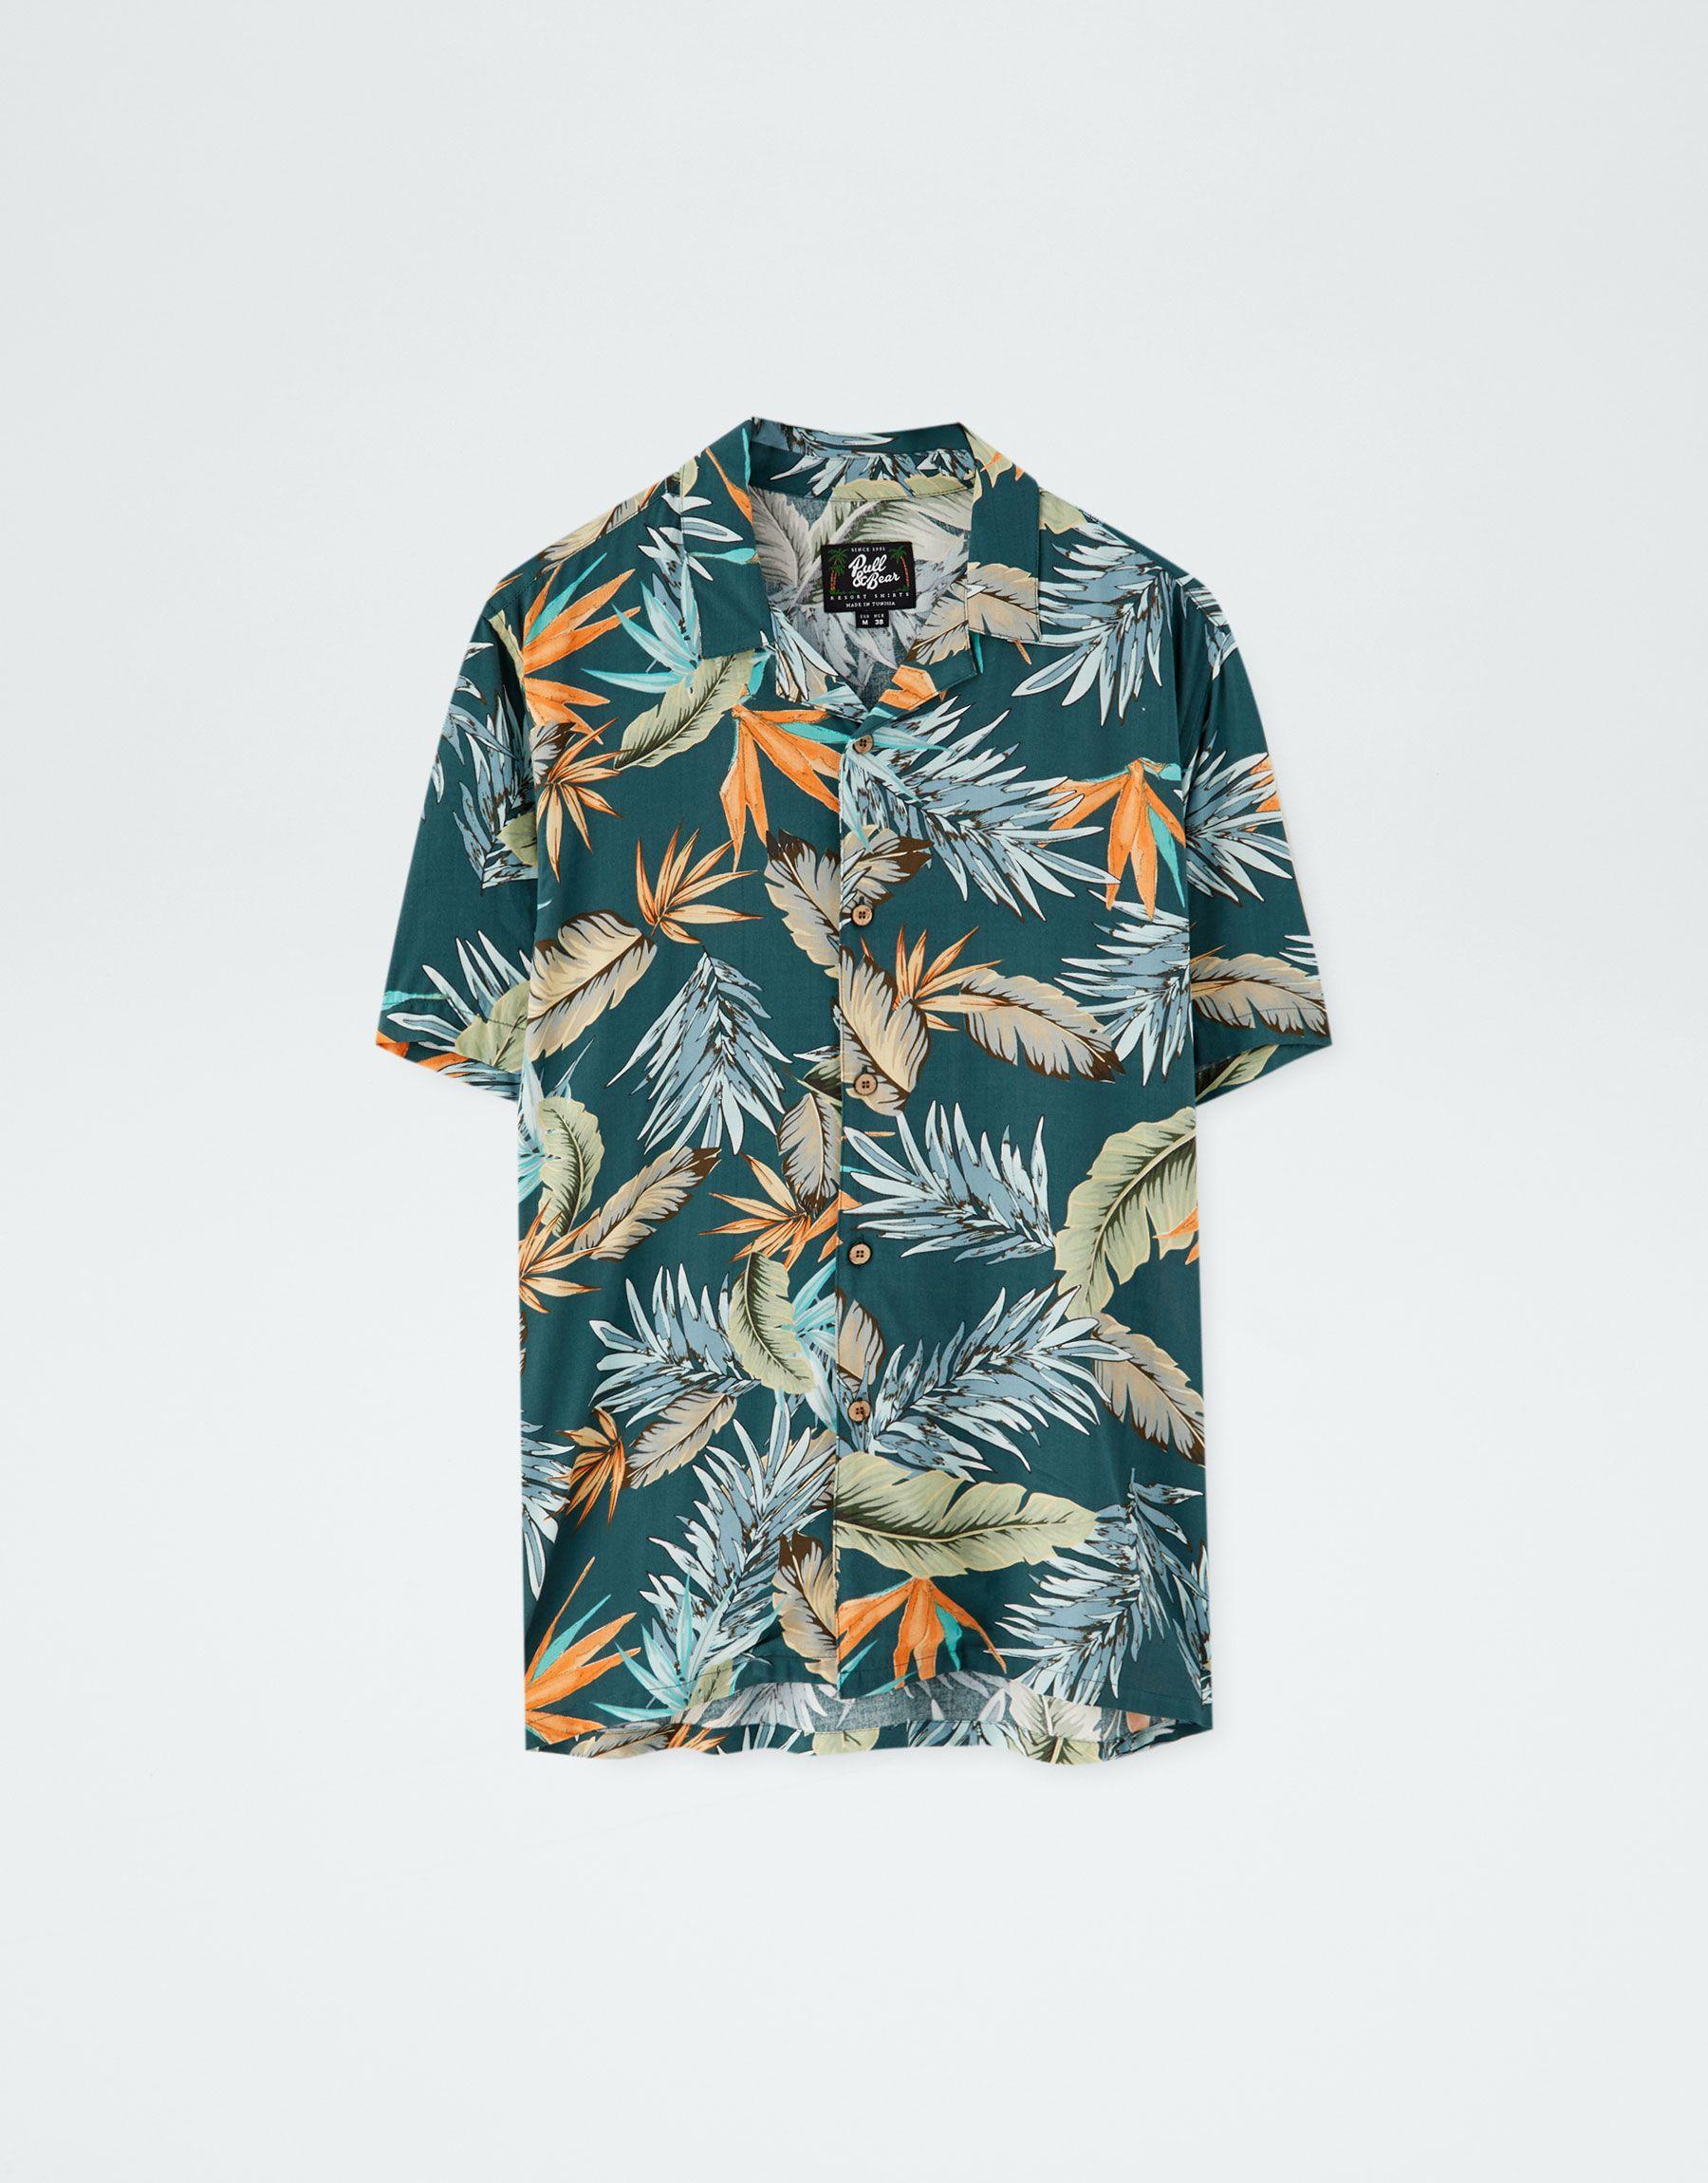 Camisa viscosa flores summer - PULL BEAR  58669d797e0c3